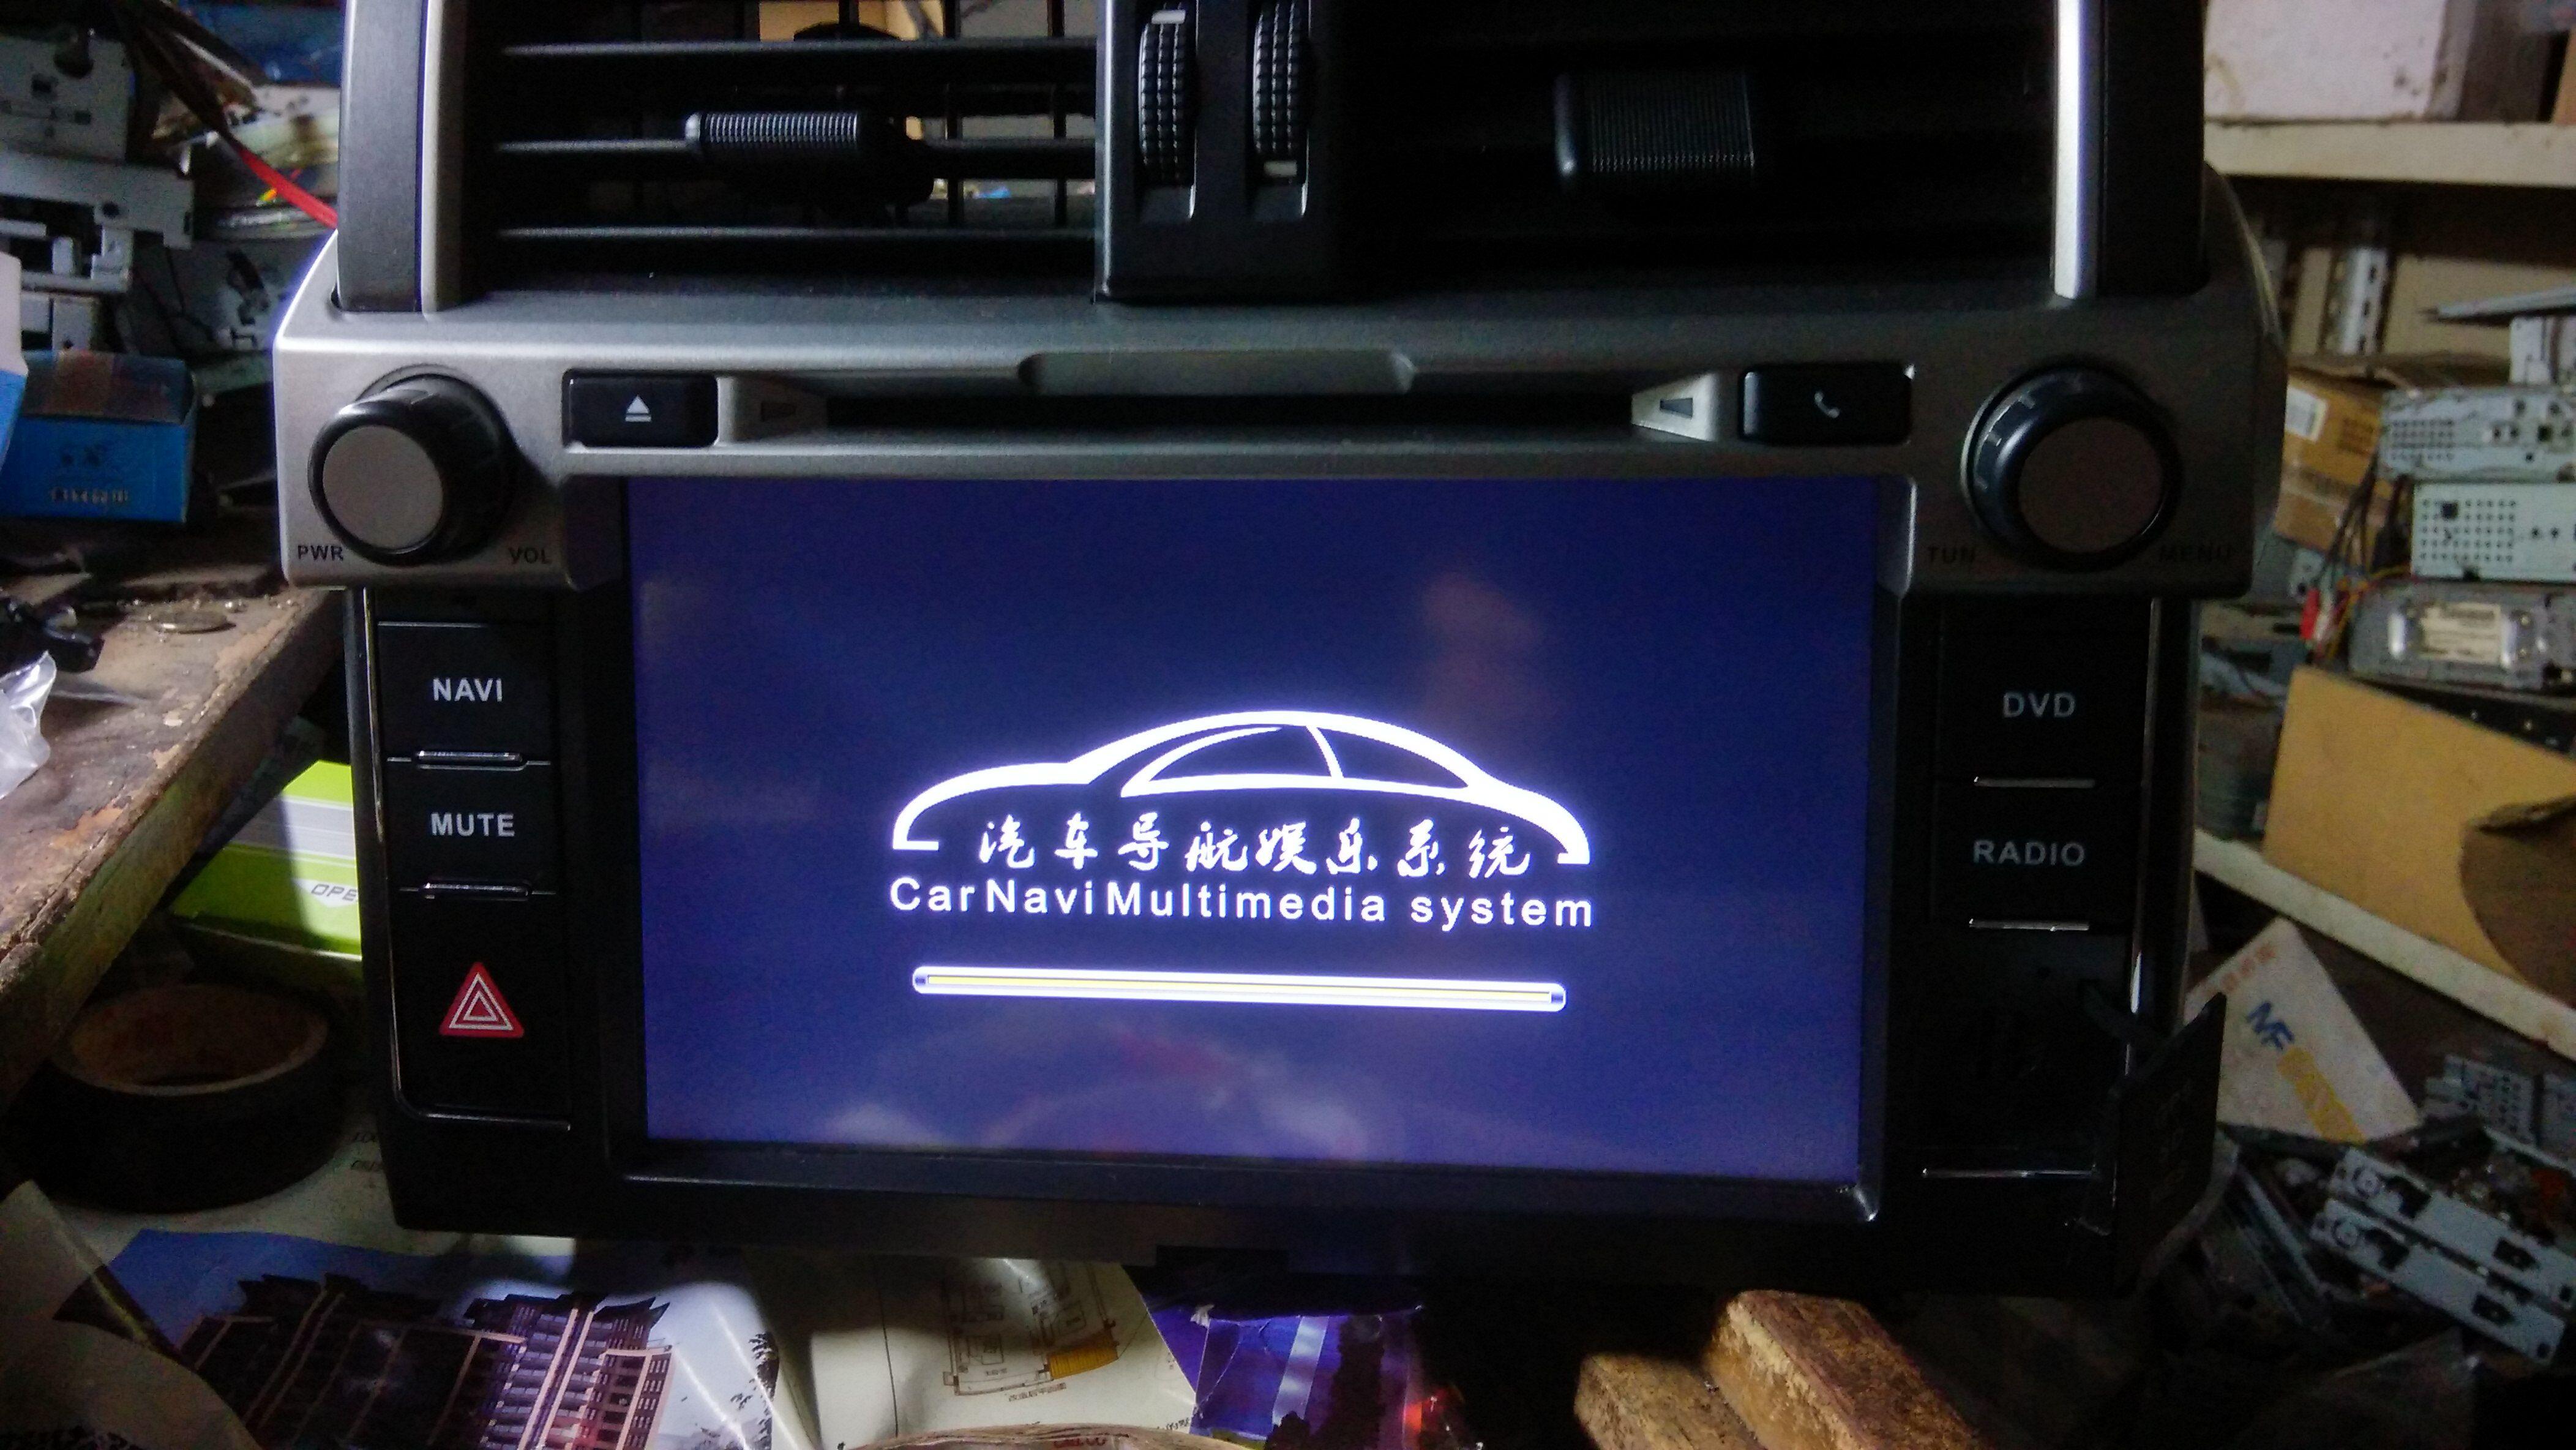 Все машины нагрузка навигация DVD щетка машинально программное обеспечение служба спокойный твердый модель программное обеспечение модернизированный